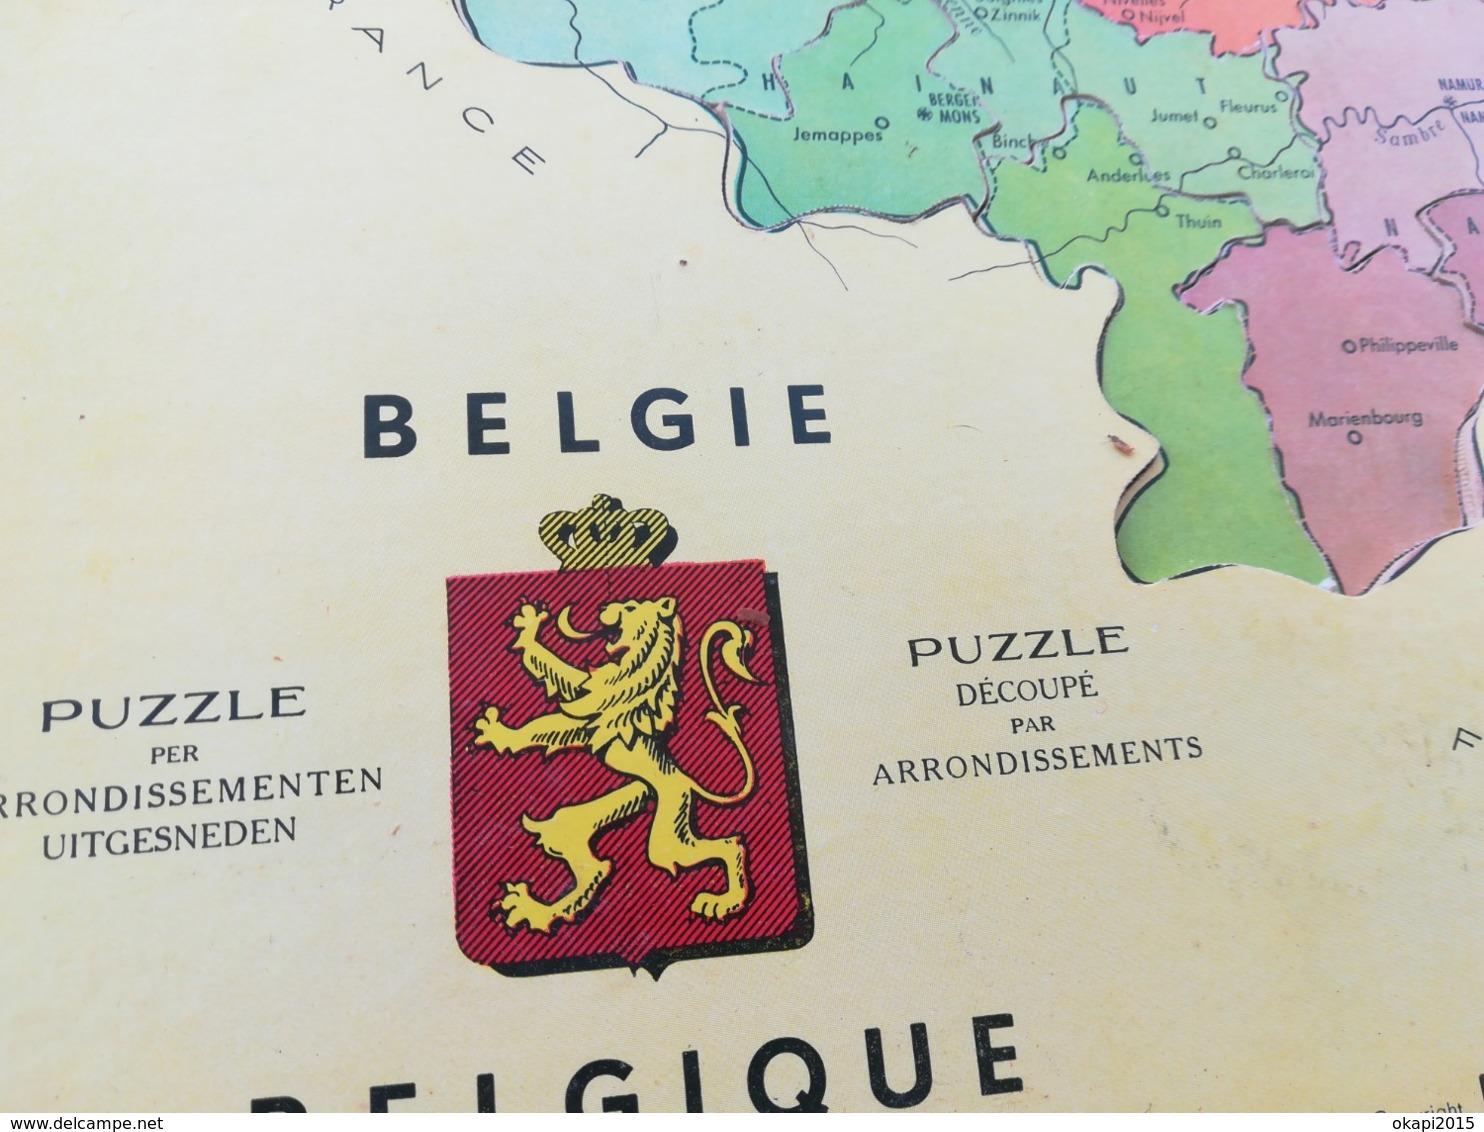 VIEUX PUZZLE EN BOIS CARTE DE LA BELGIQUE AVEC LES DIFFÉRENTES PROVINCES, COMPLET, MADE IN FRANCE - Puzzles